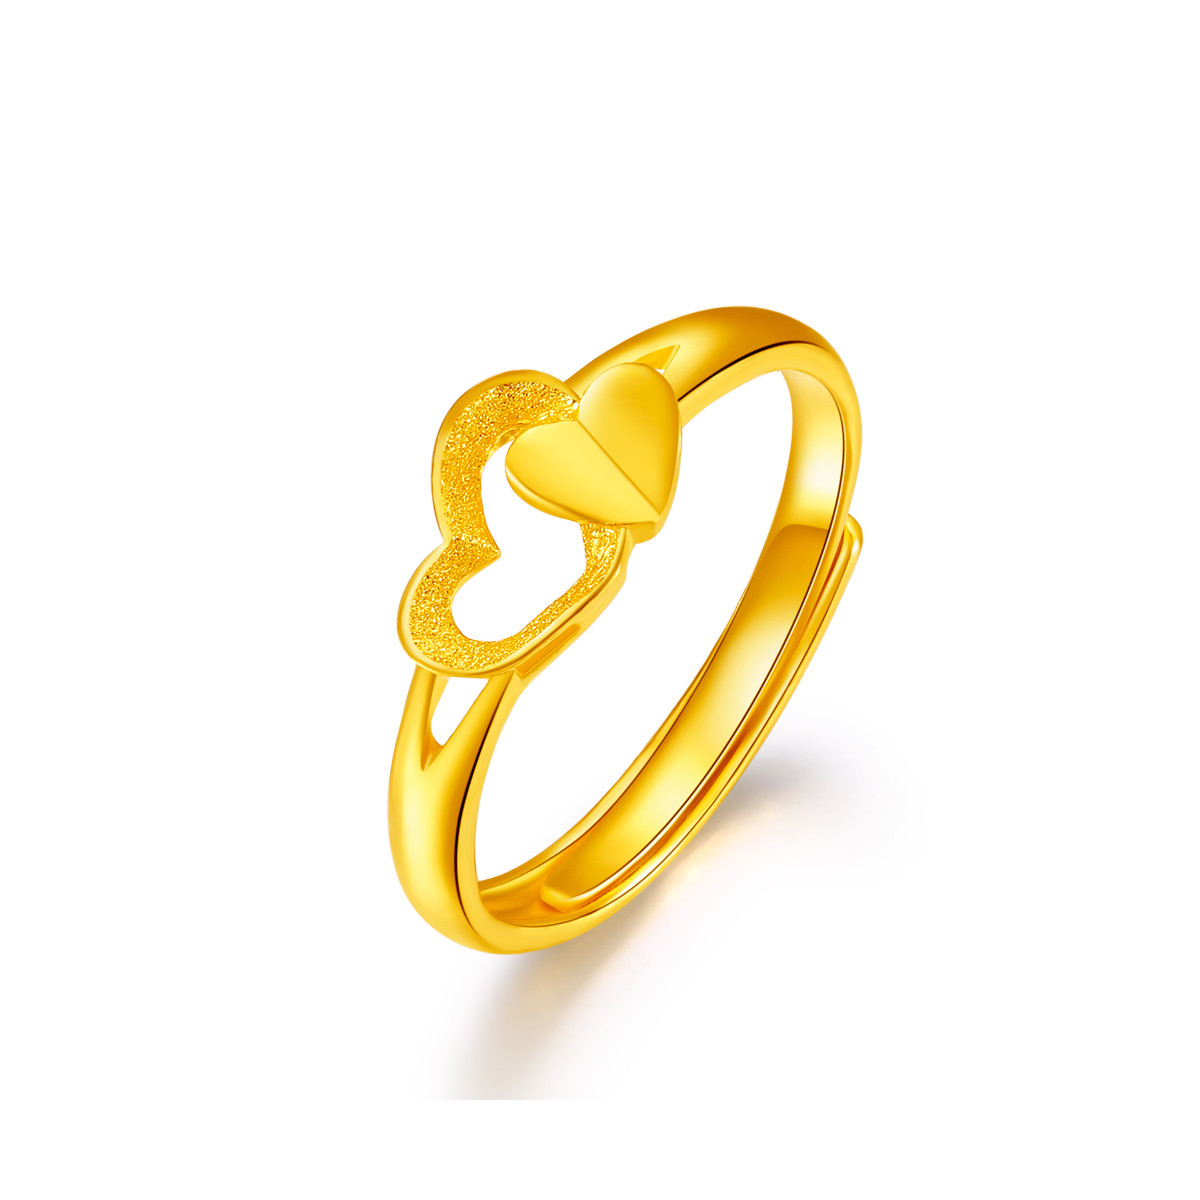 梦金园万纯系列足金相知相爱黄金戒指女士食指戒活口/计价MHWJZ0900383